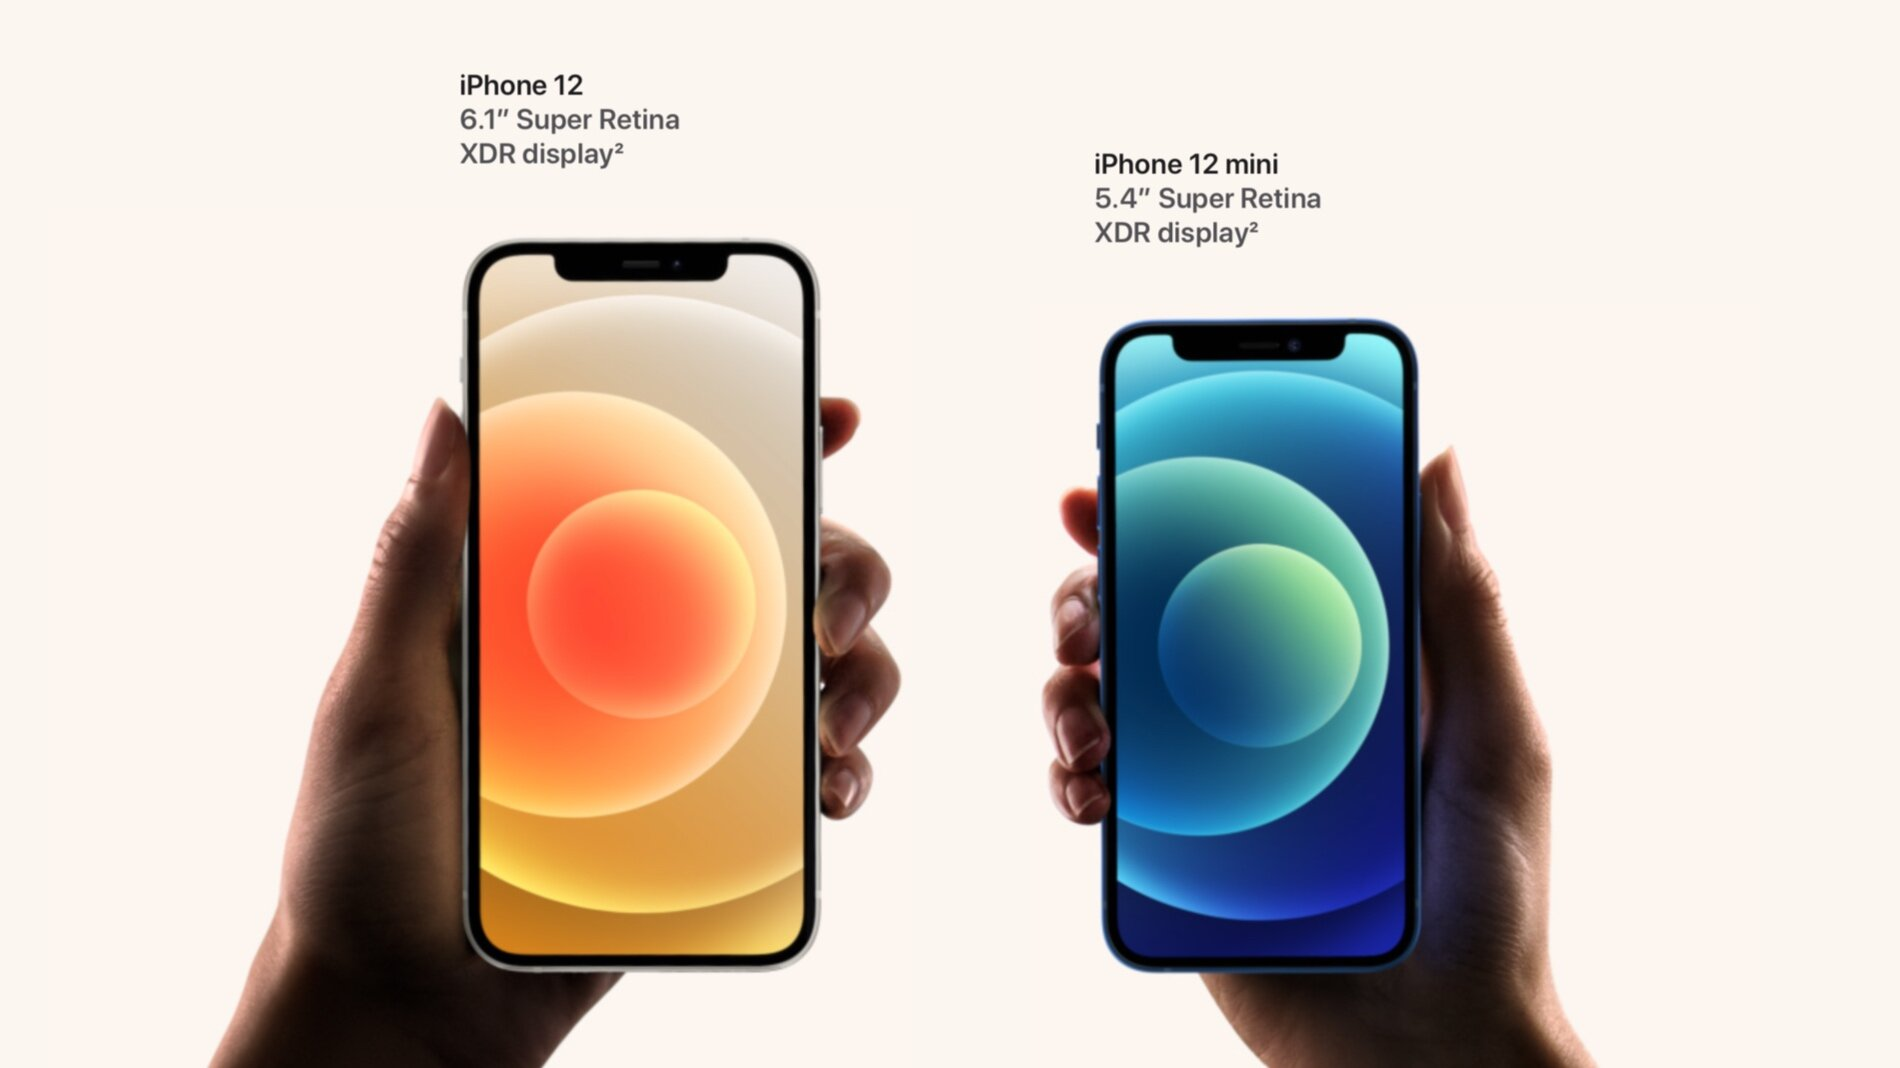 iPhone 12 Mini: A Mini Review